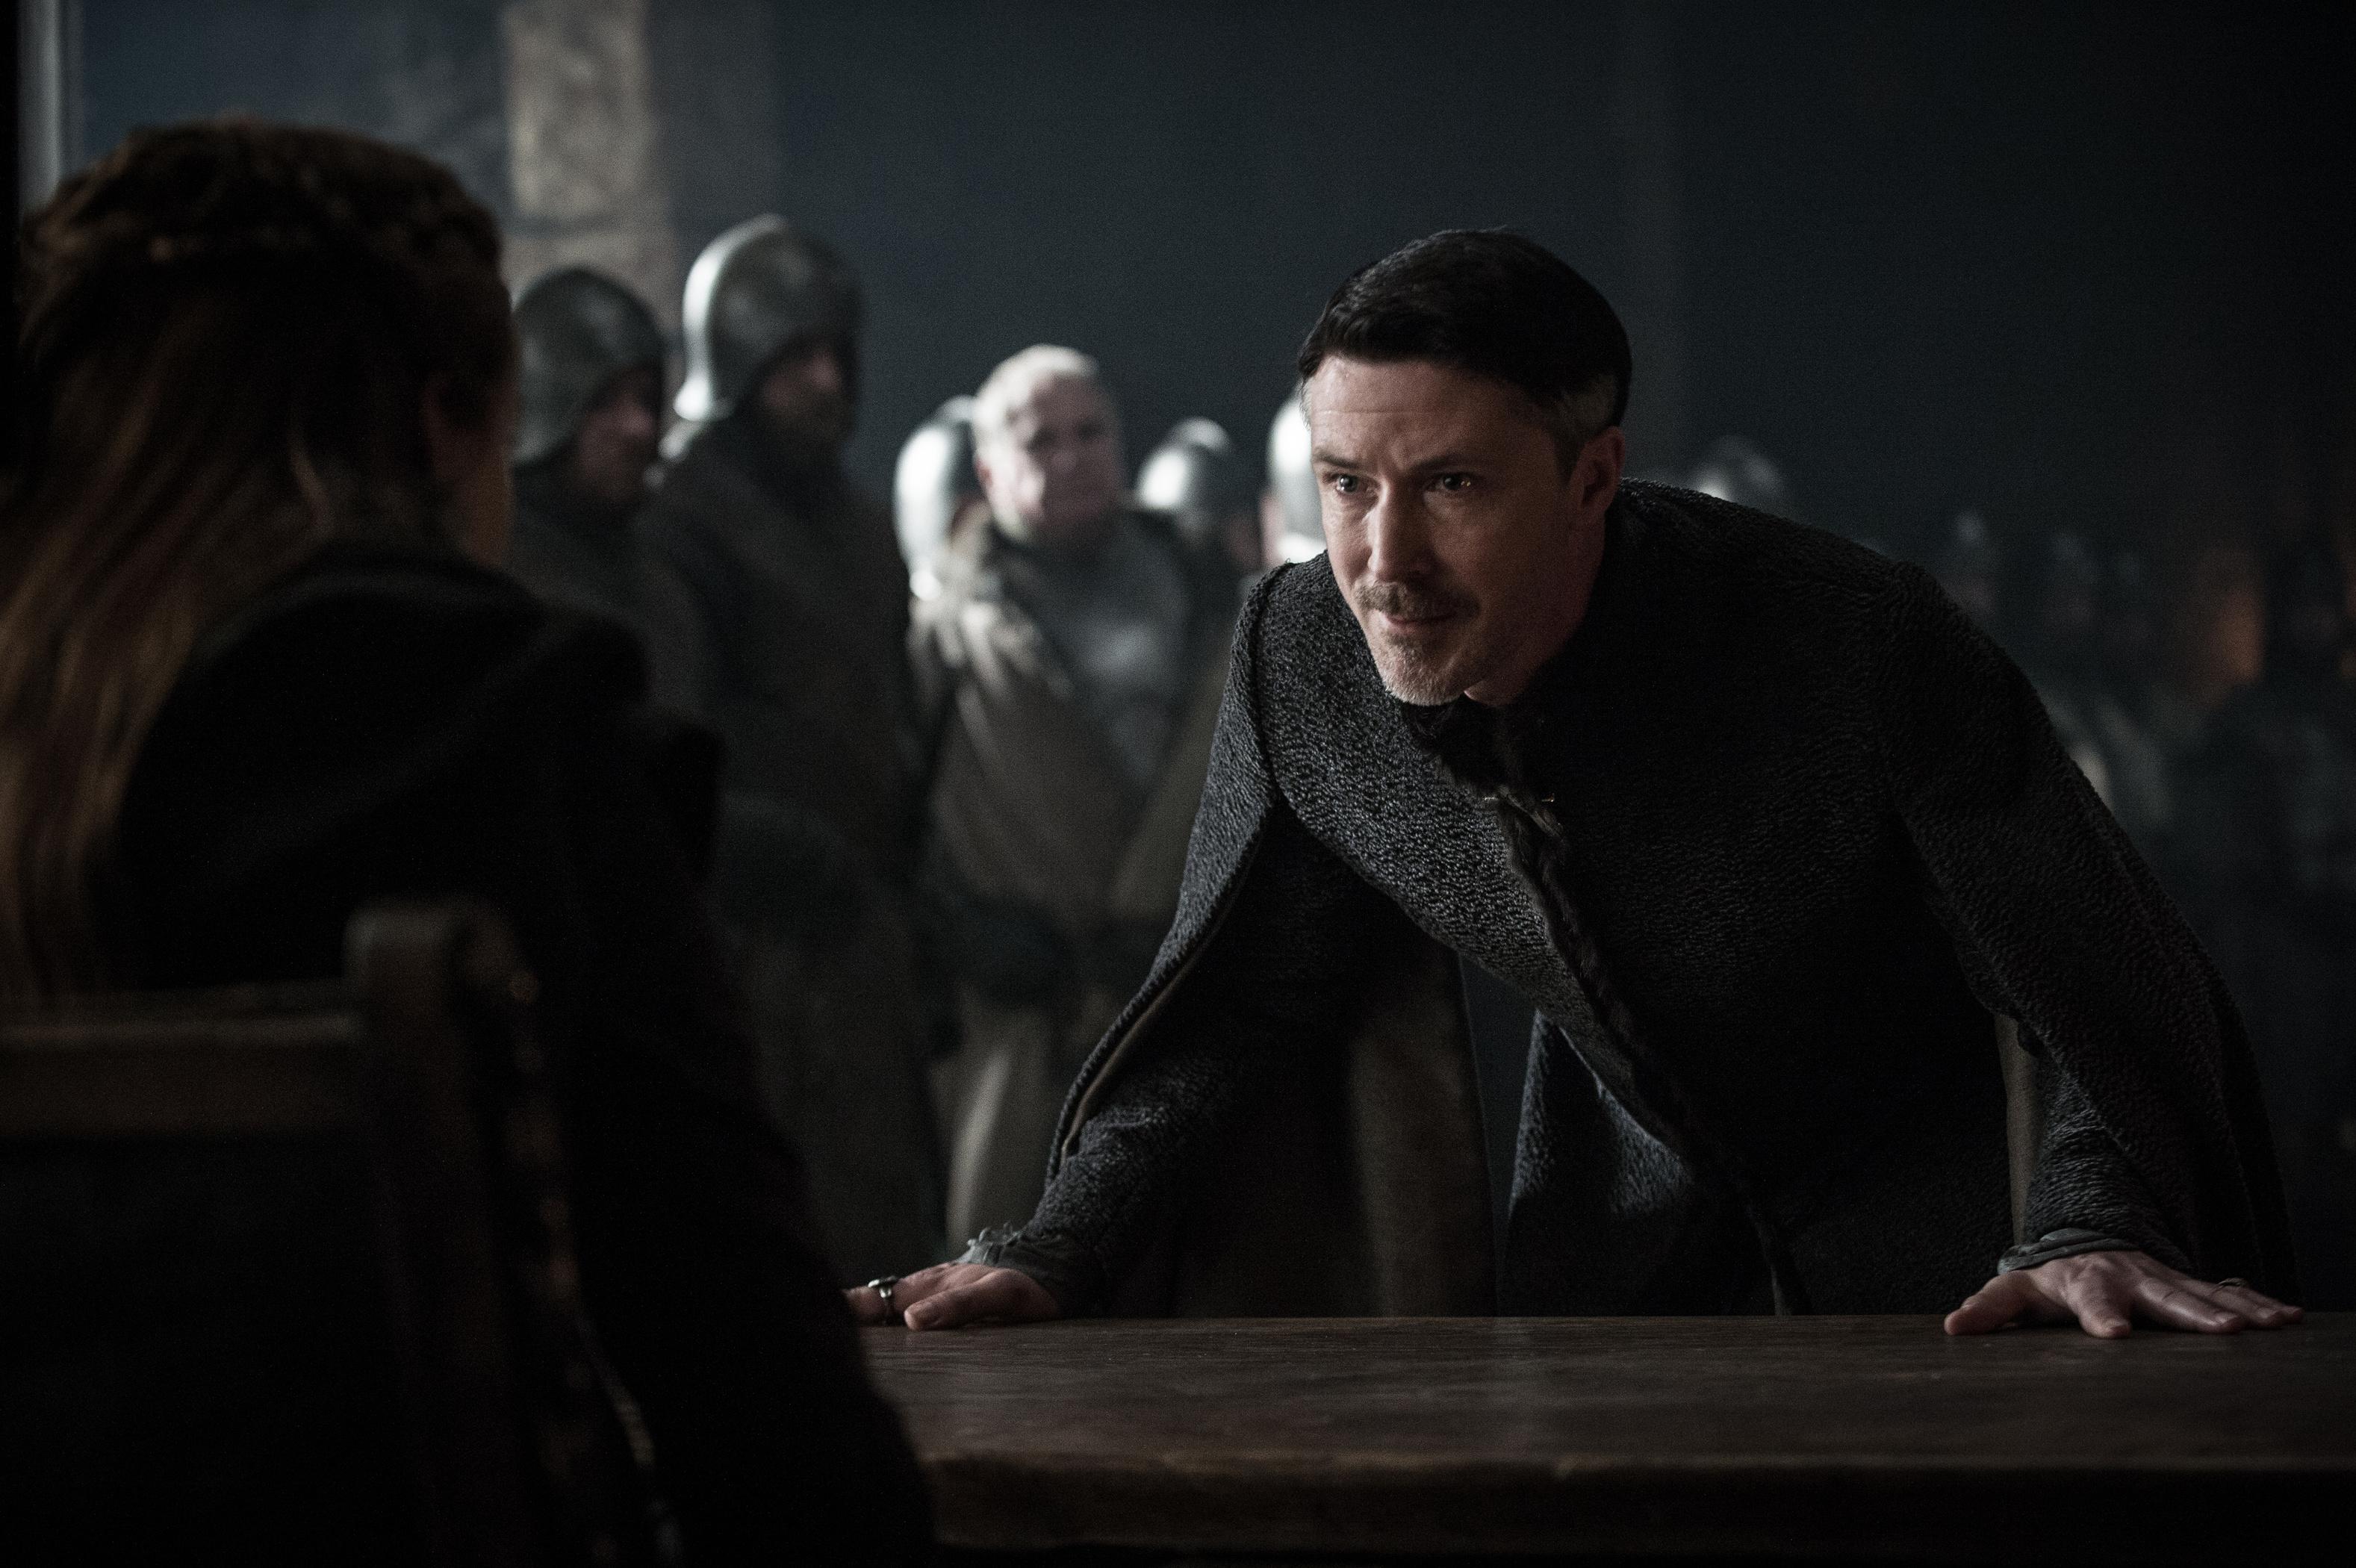 game-of-thrones-season-7-finale-littlefinger.jpg